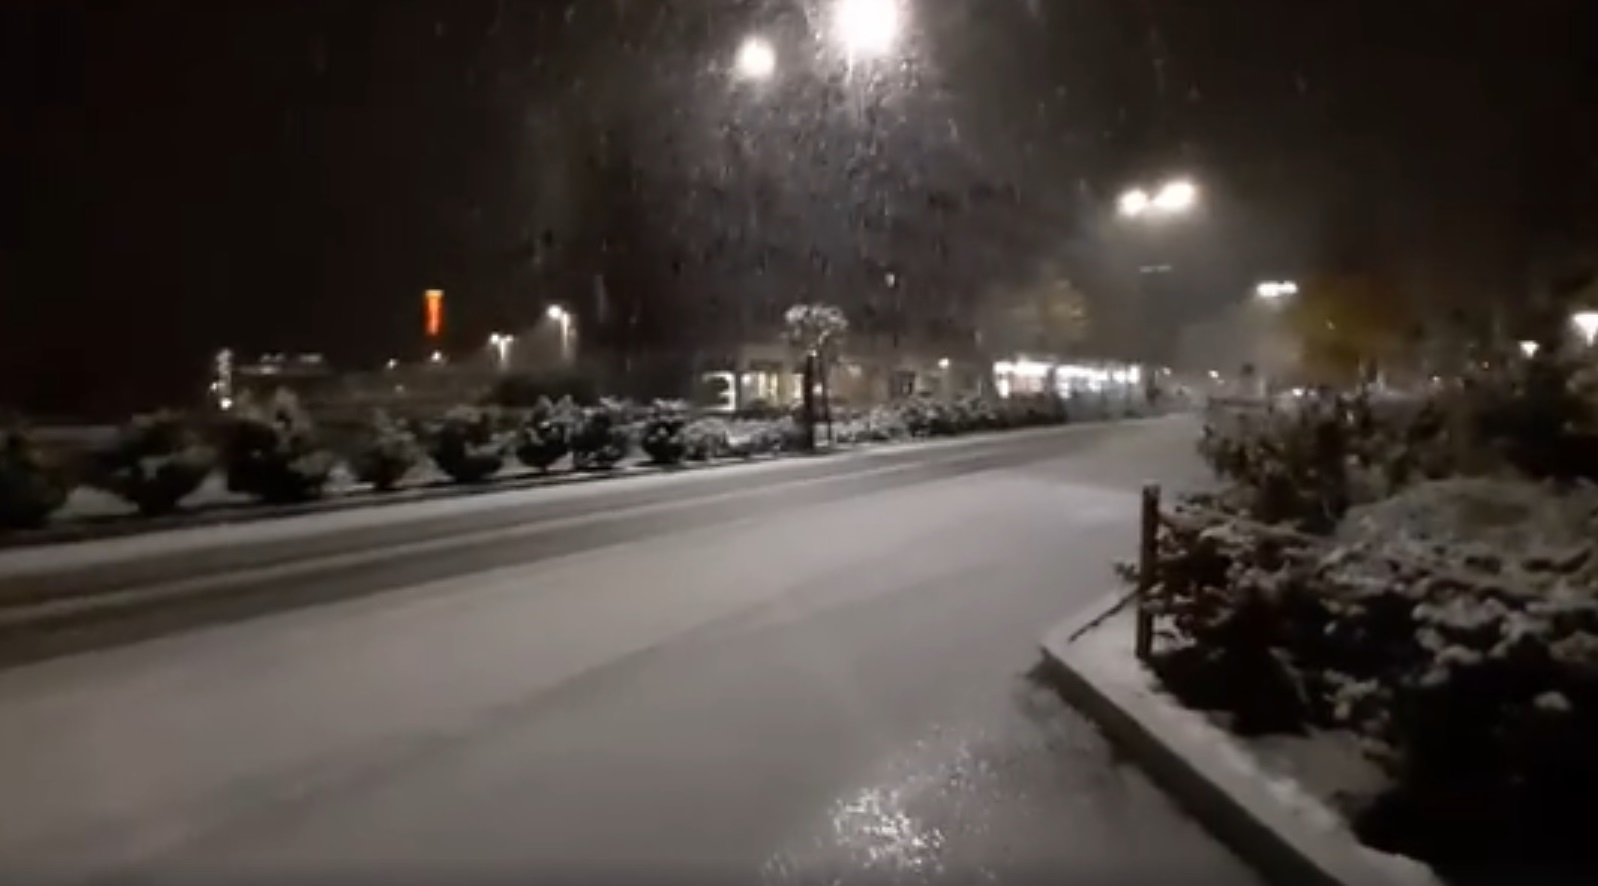 Meteo: la neve è arrivata anche nel centro di Alba (GUARDA IL VIDEO) - IdeaWebTv